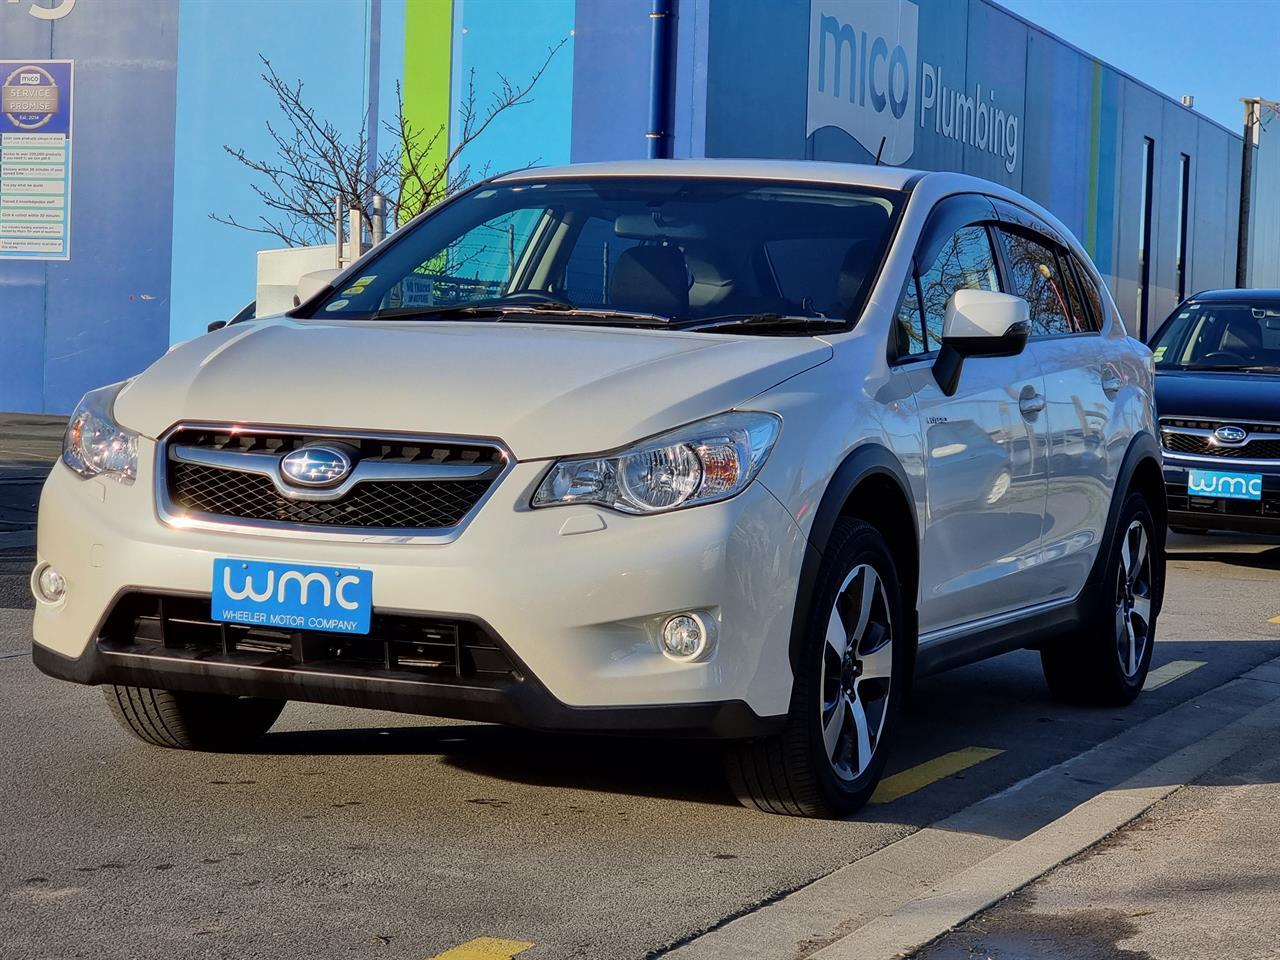 image-3, 2014 Subaru XV Hybrid 4WD at Christchurch